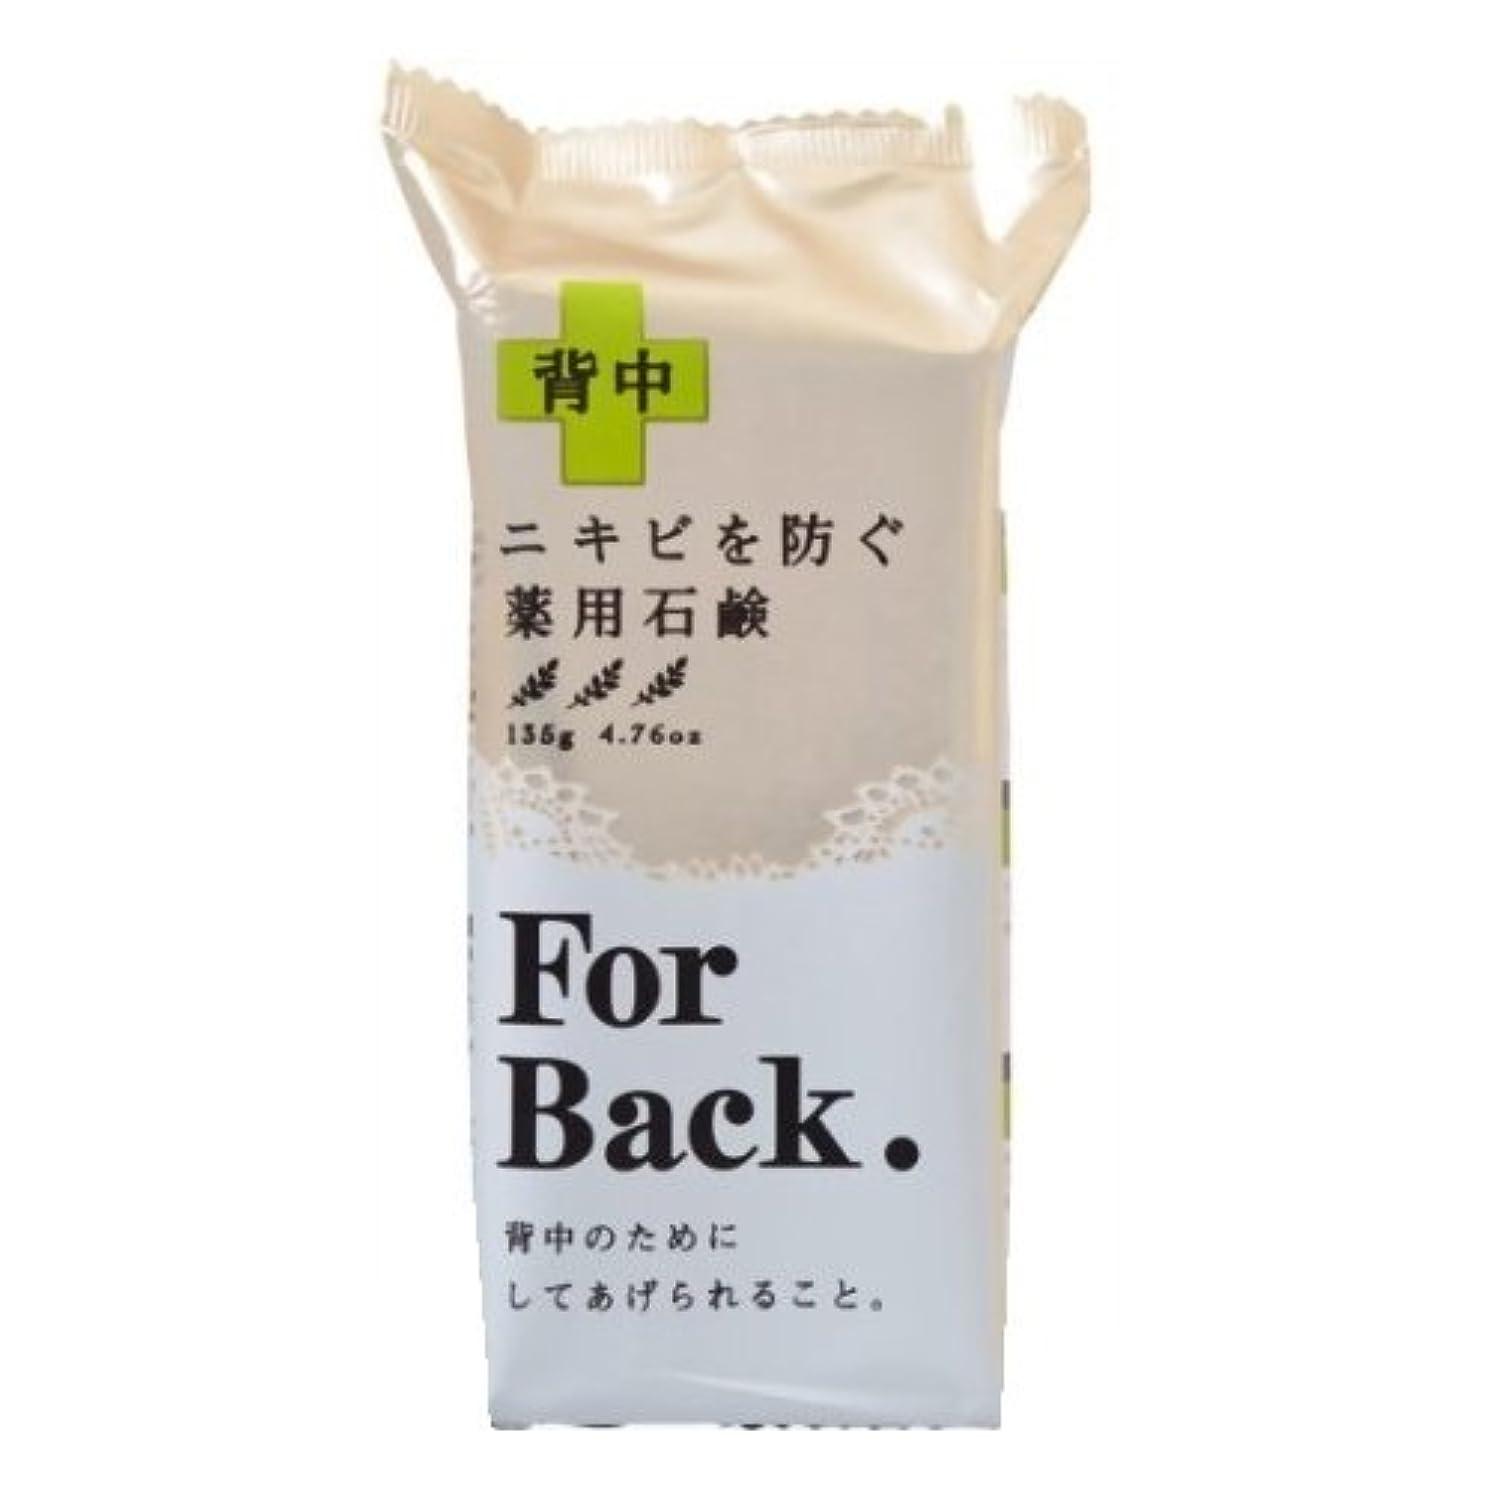 暗くする配列強風薬用石鹸ForBack 135g